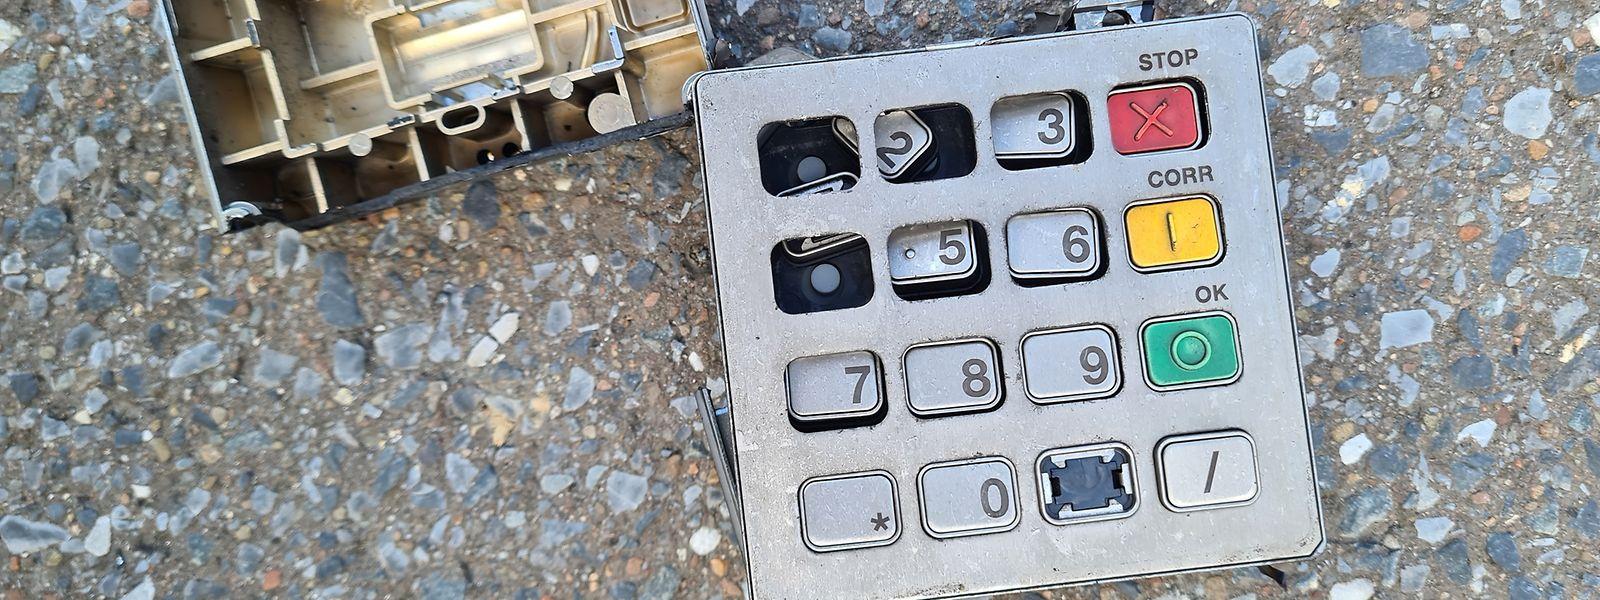 Die Tastatur des Bancomaten wurde rund 50 Meter weit durch die Luft geschleudert.